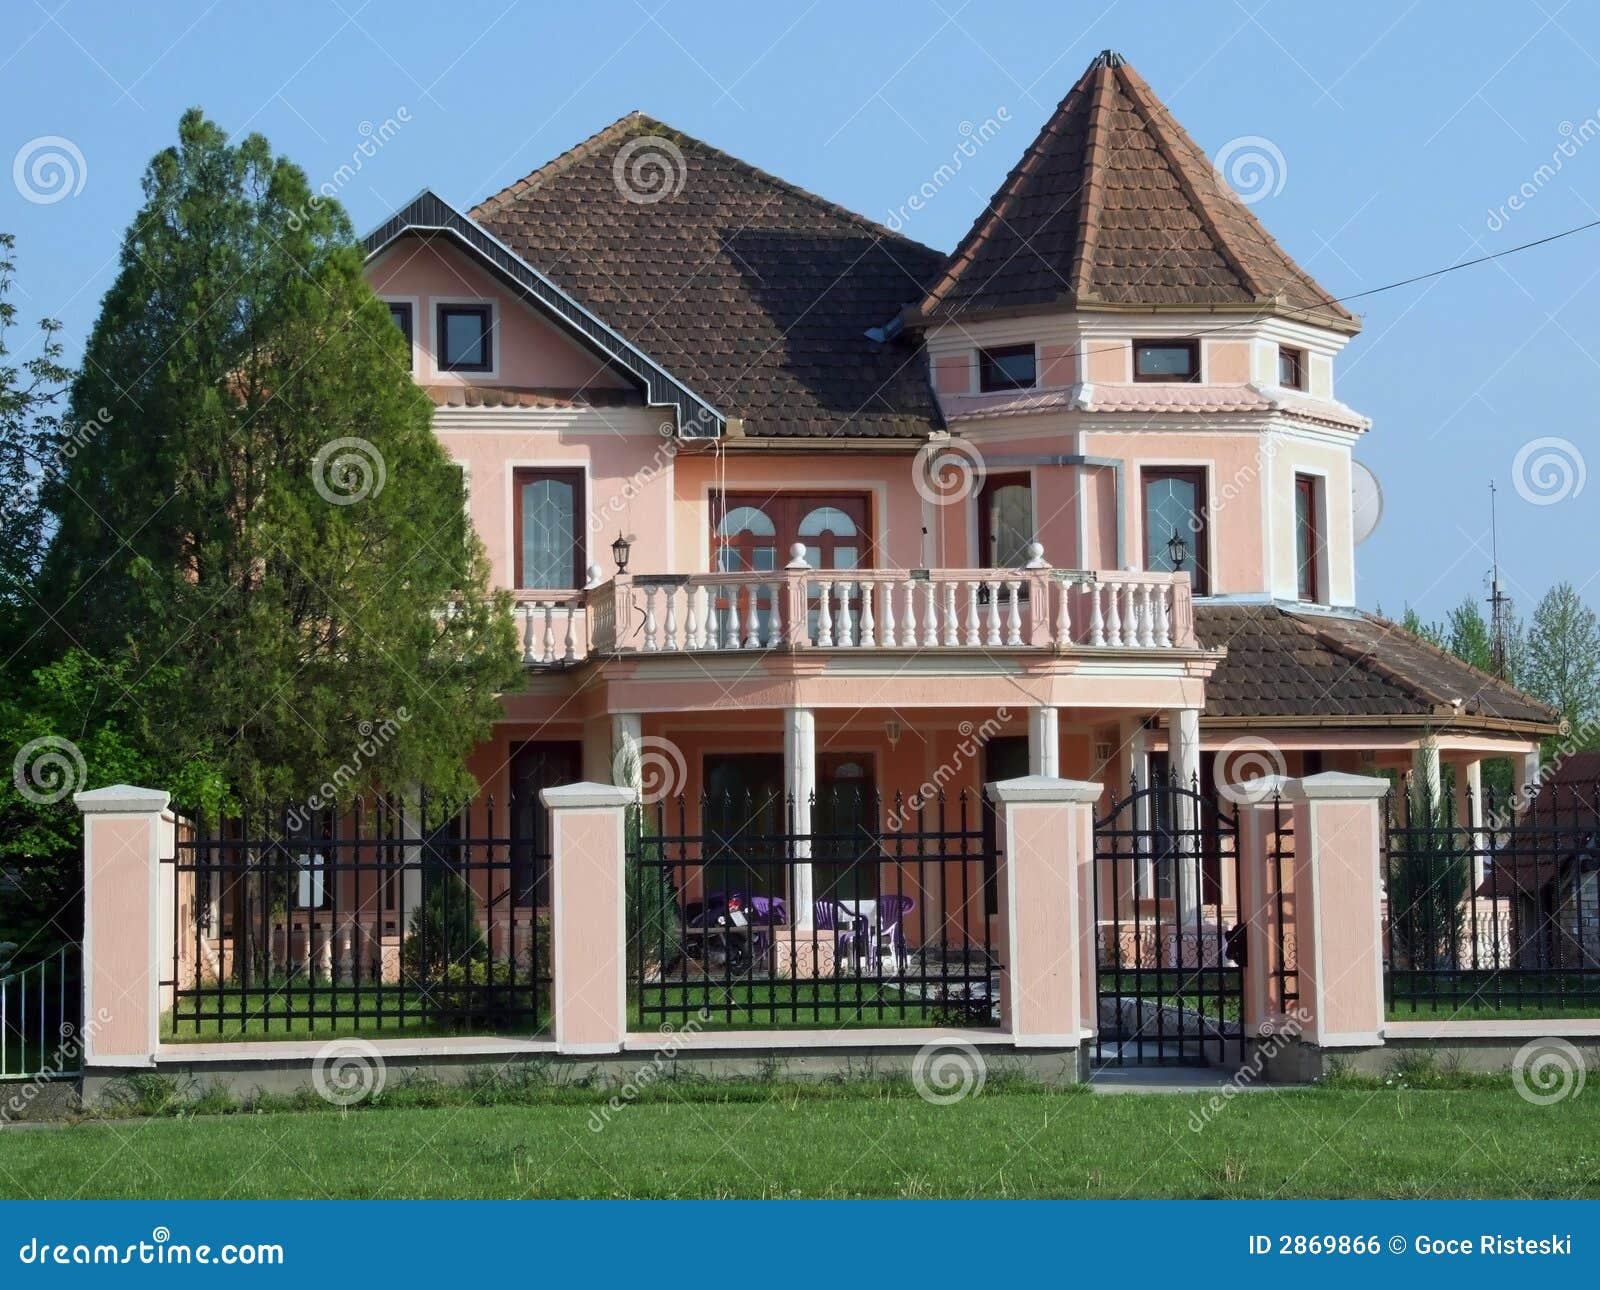 Maison rose image libre de droits image 2869866 for La maison rose lourmarin